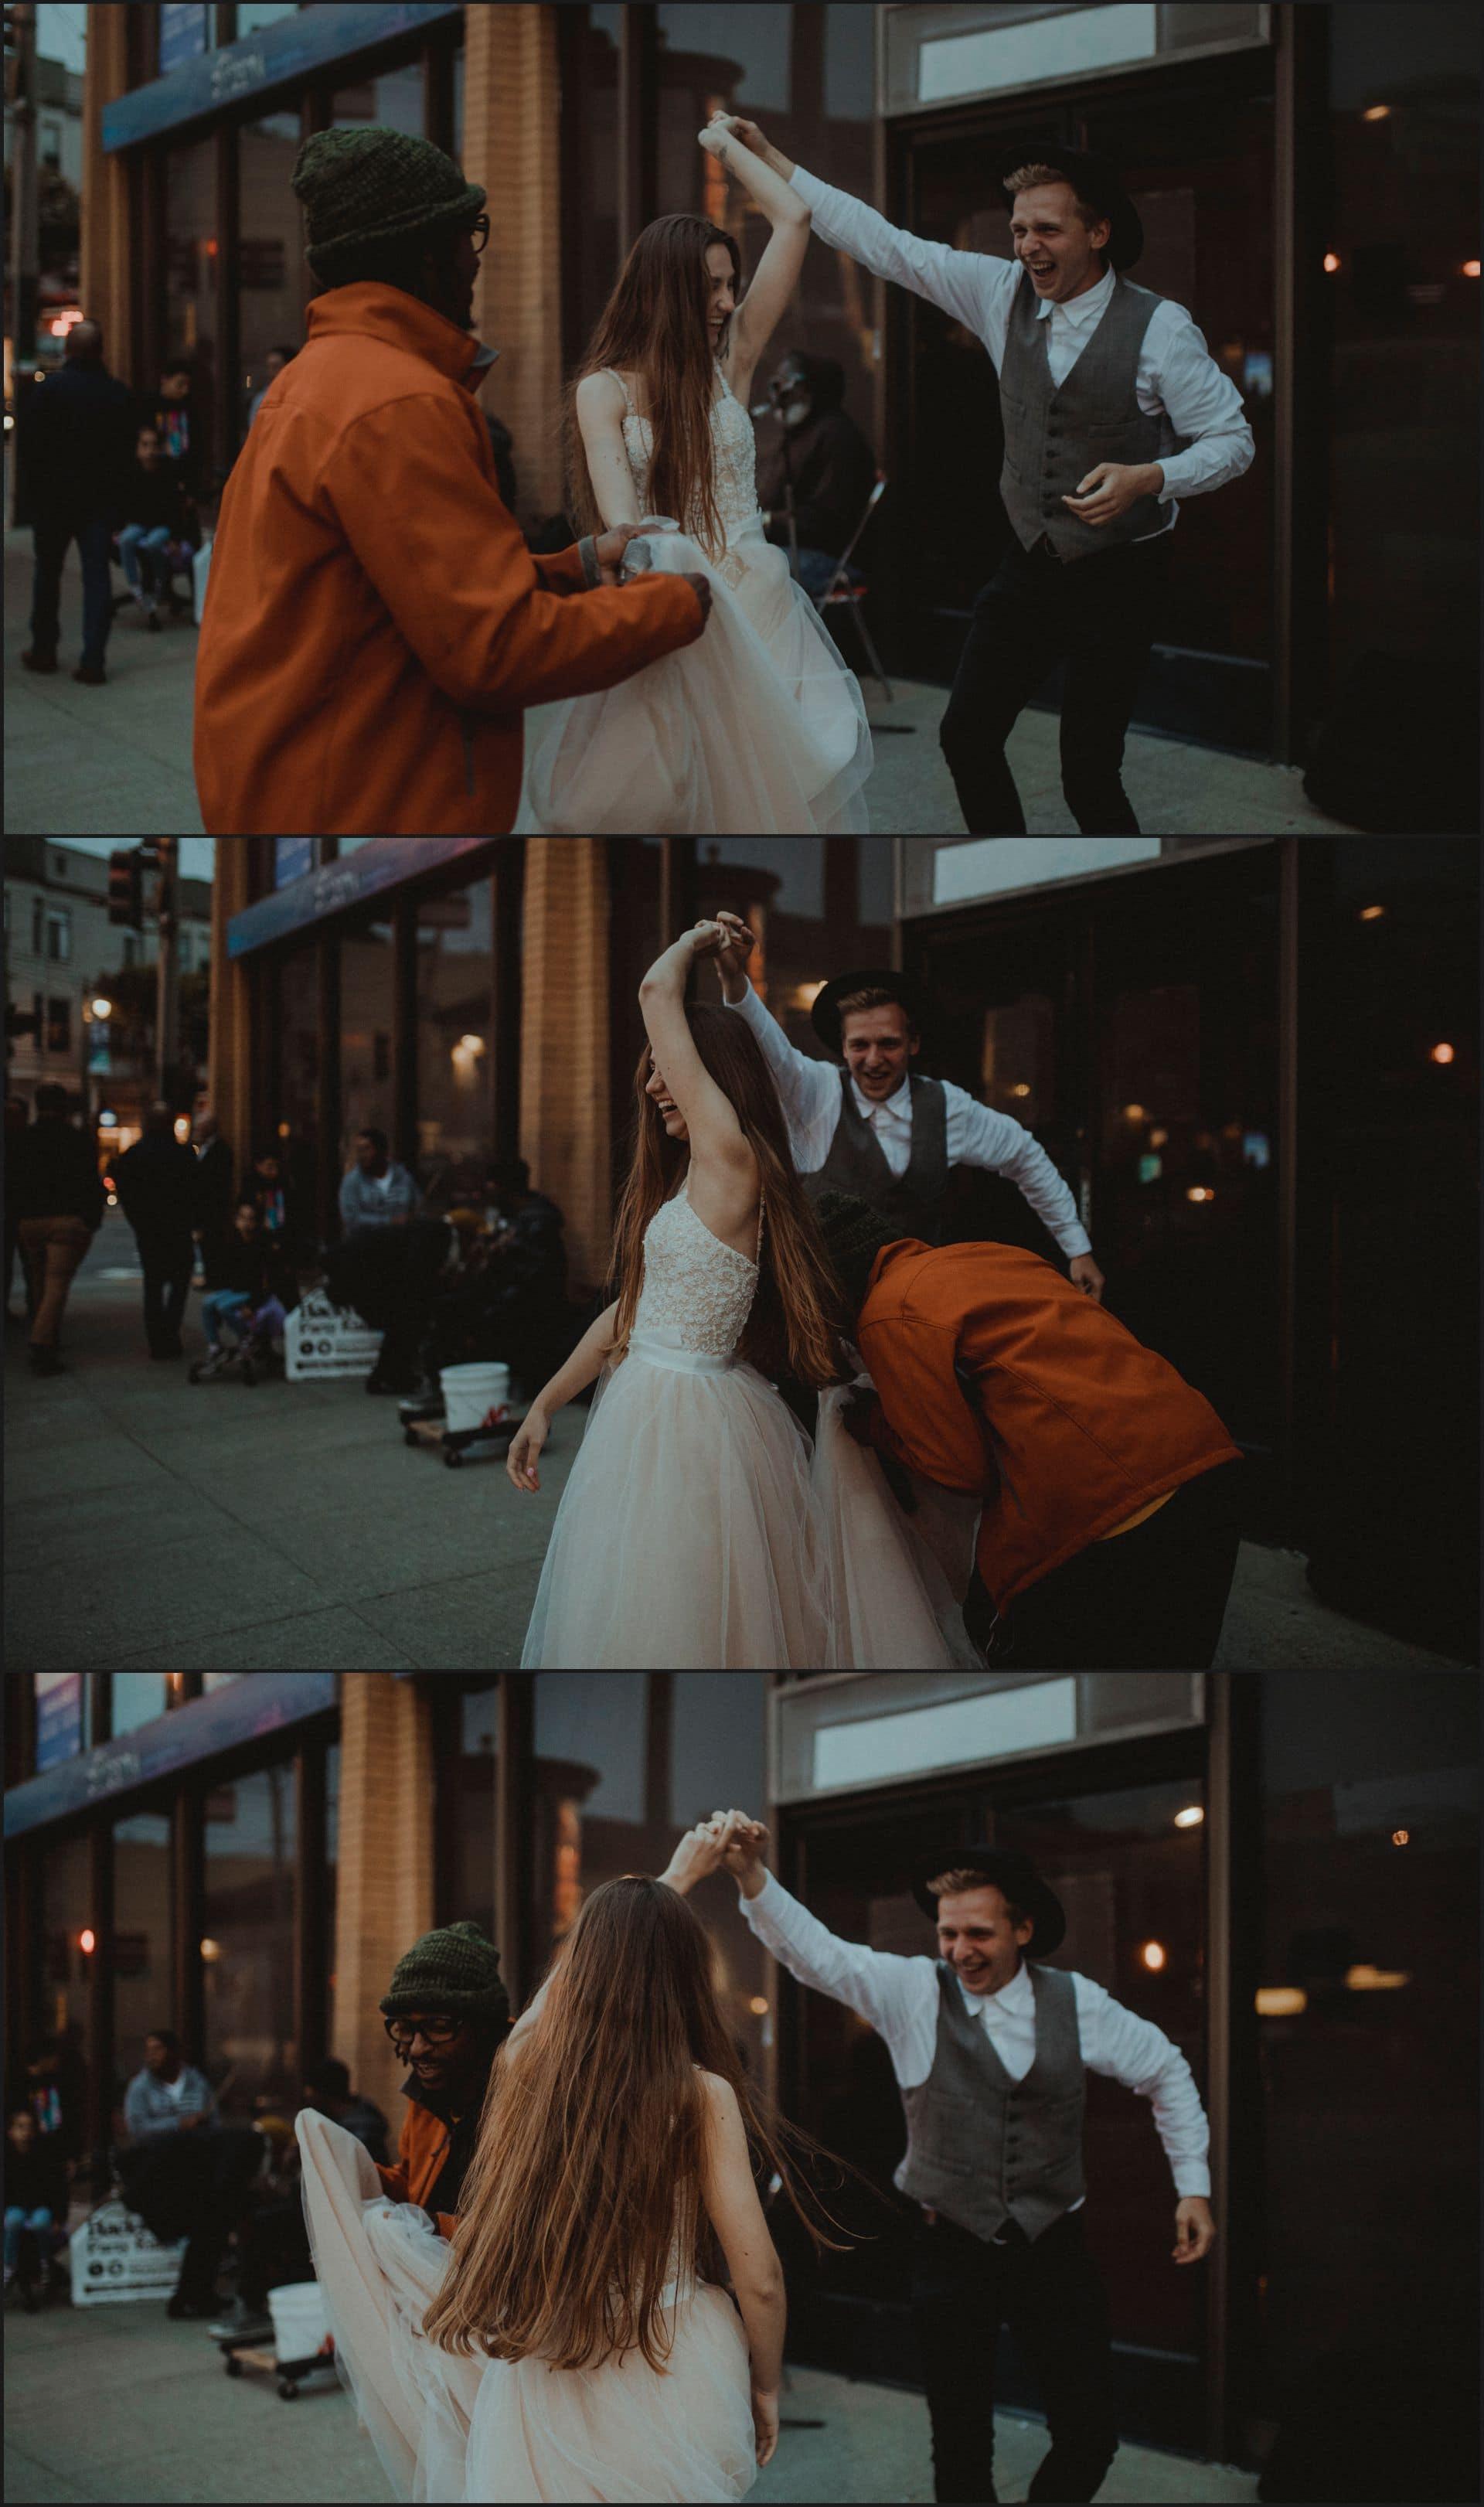 san francisco, california, elopement wedding, funny, bride, groom